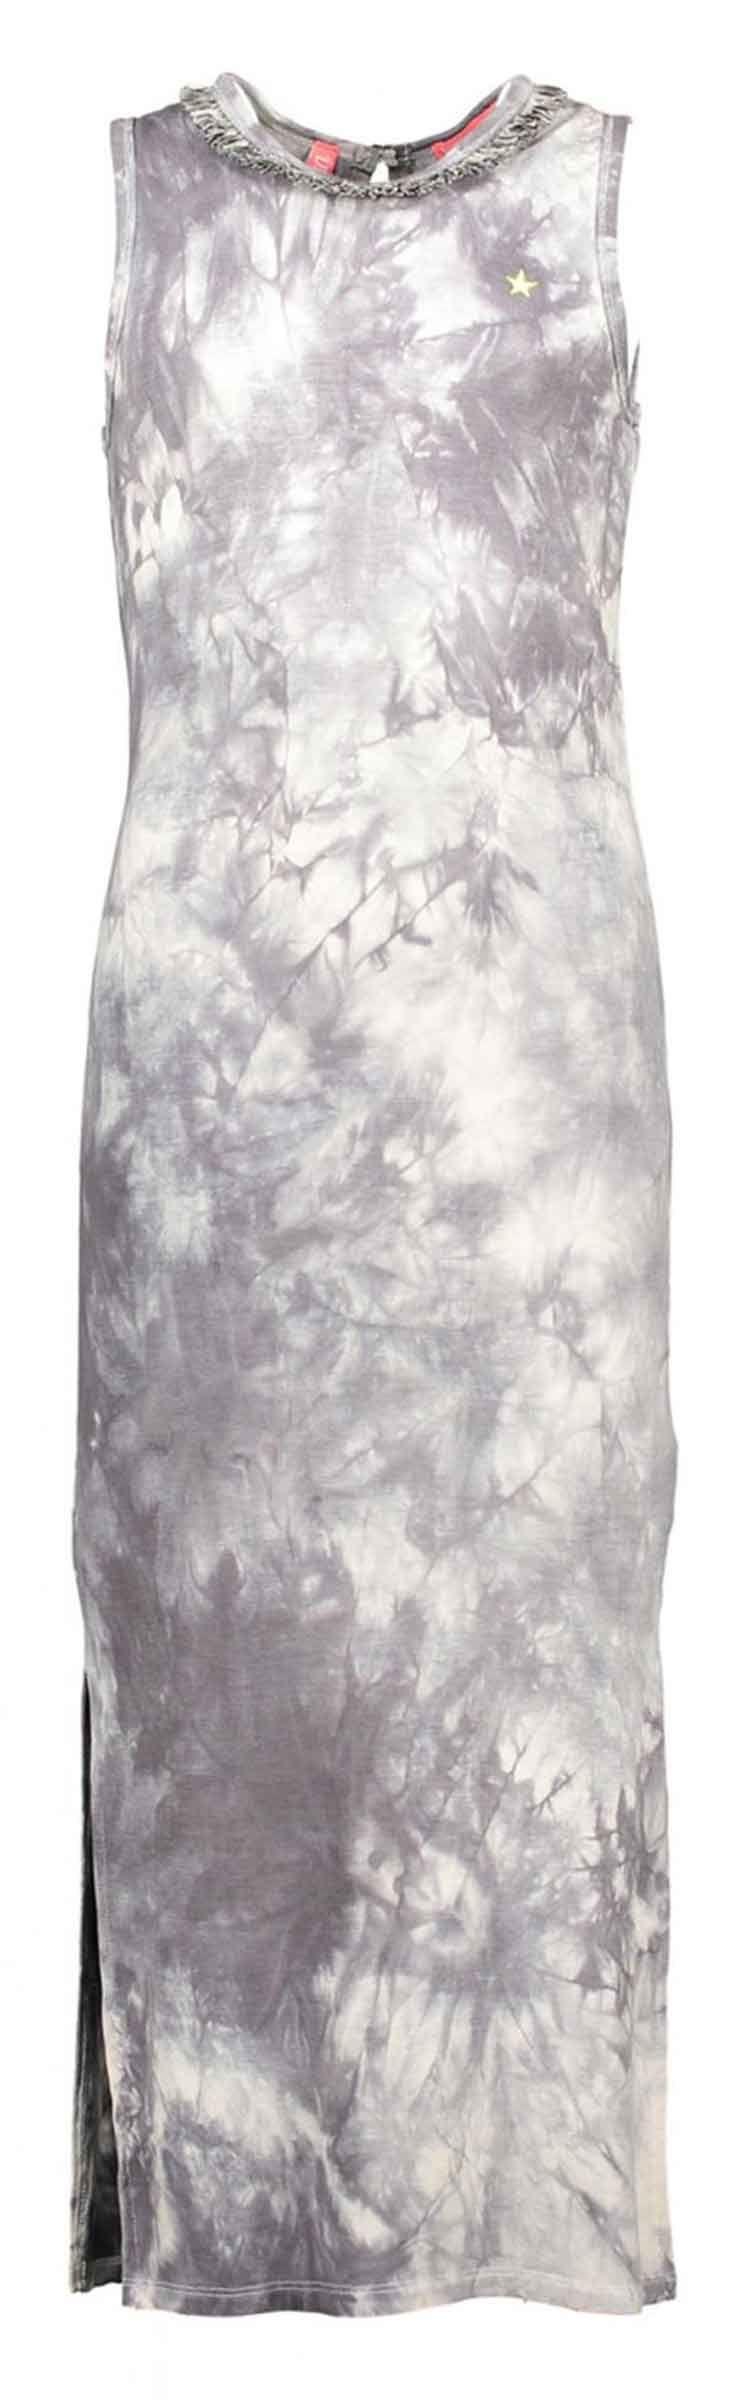 Flo maxi jurk met marble look. Deze lange zomerjurk heeft een split in de zijnaden. Dit shirt komt uit de high summer collectie 2017 van Like Flo meisjskleding. Nieuwsgierig naar de rest van de collectie? Shop direct online: http://www.nummerzestien.eu/flo/meisjes/